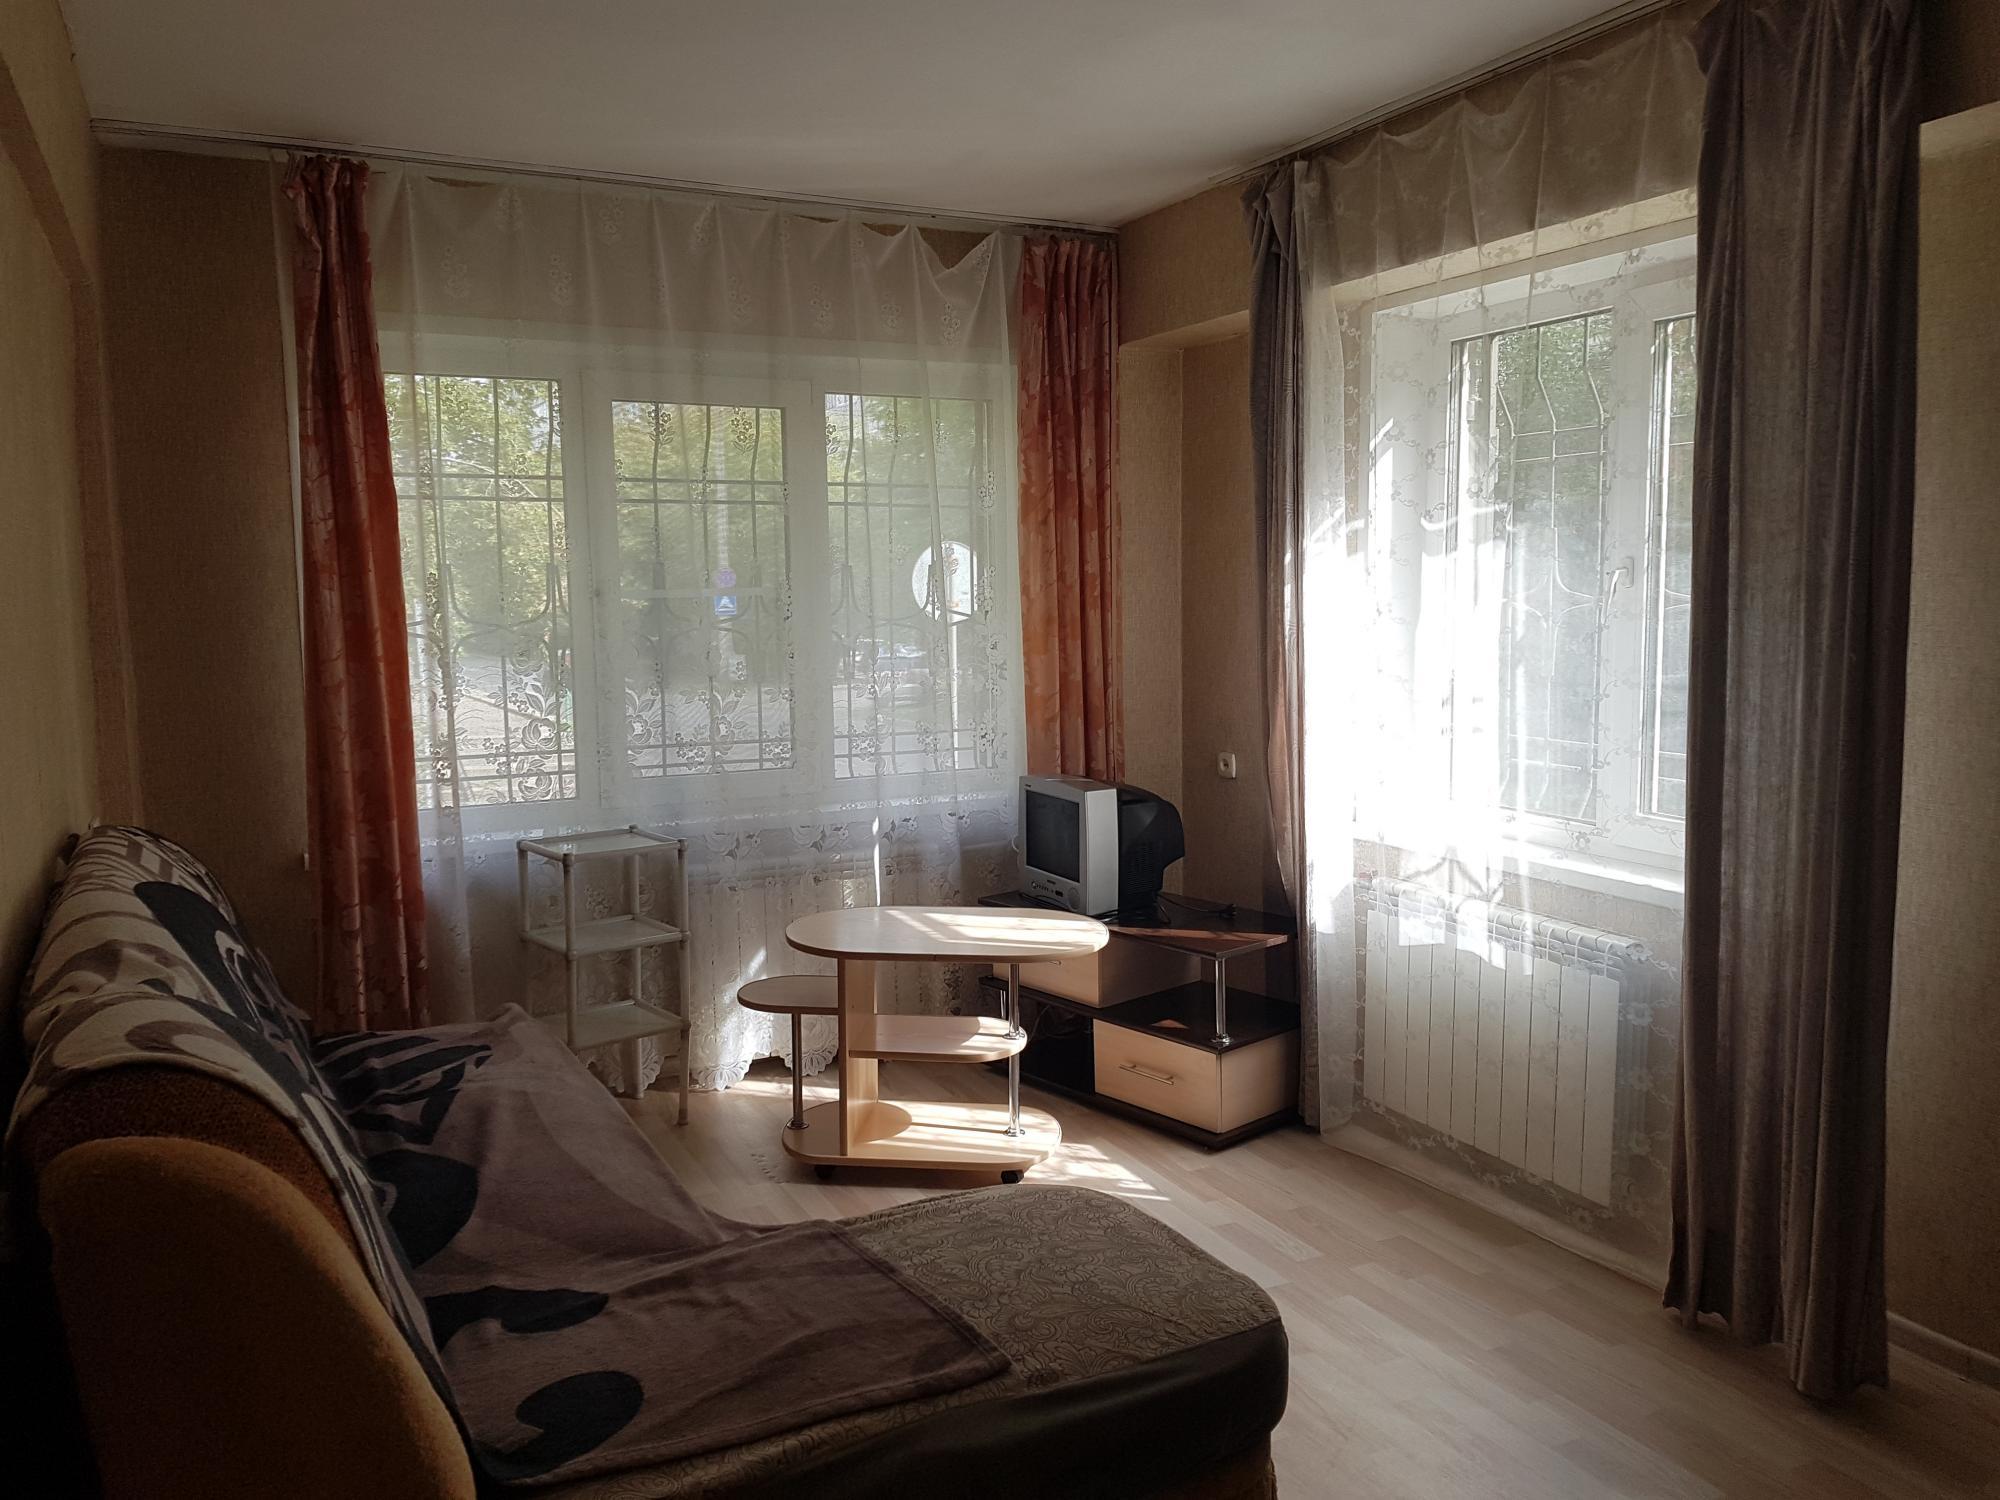 2к квартира Волгоградская улица, 29 | 16000 | аренда в Красноярске фото 0